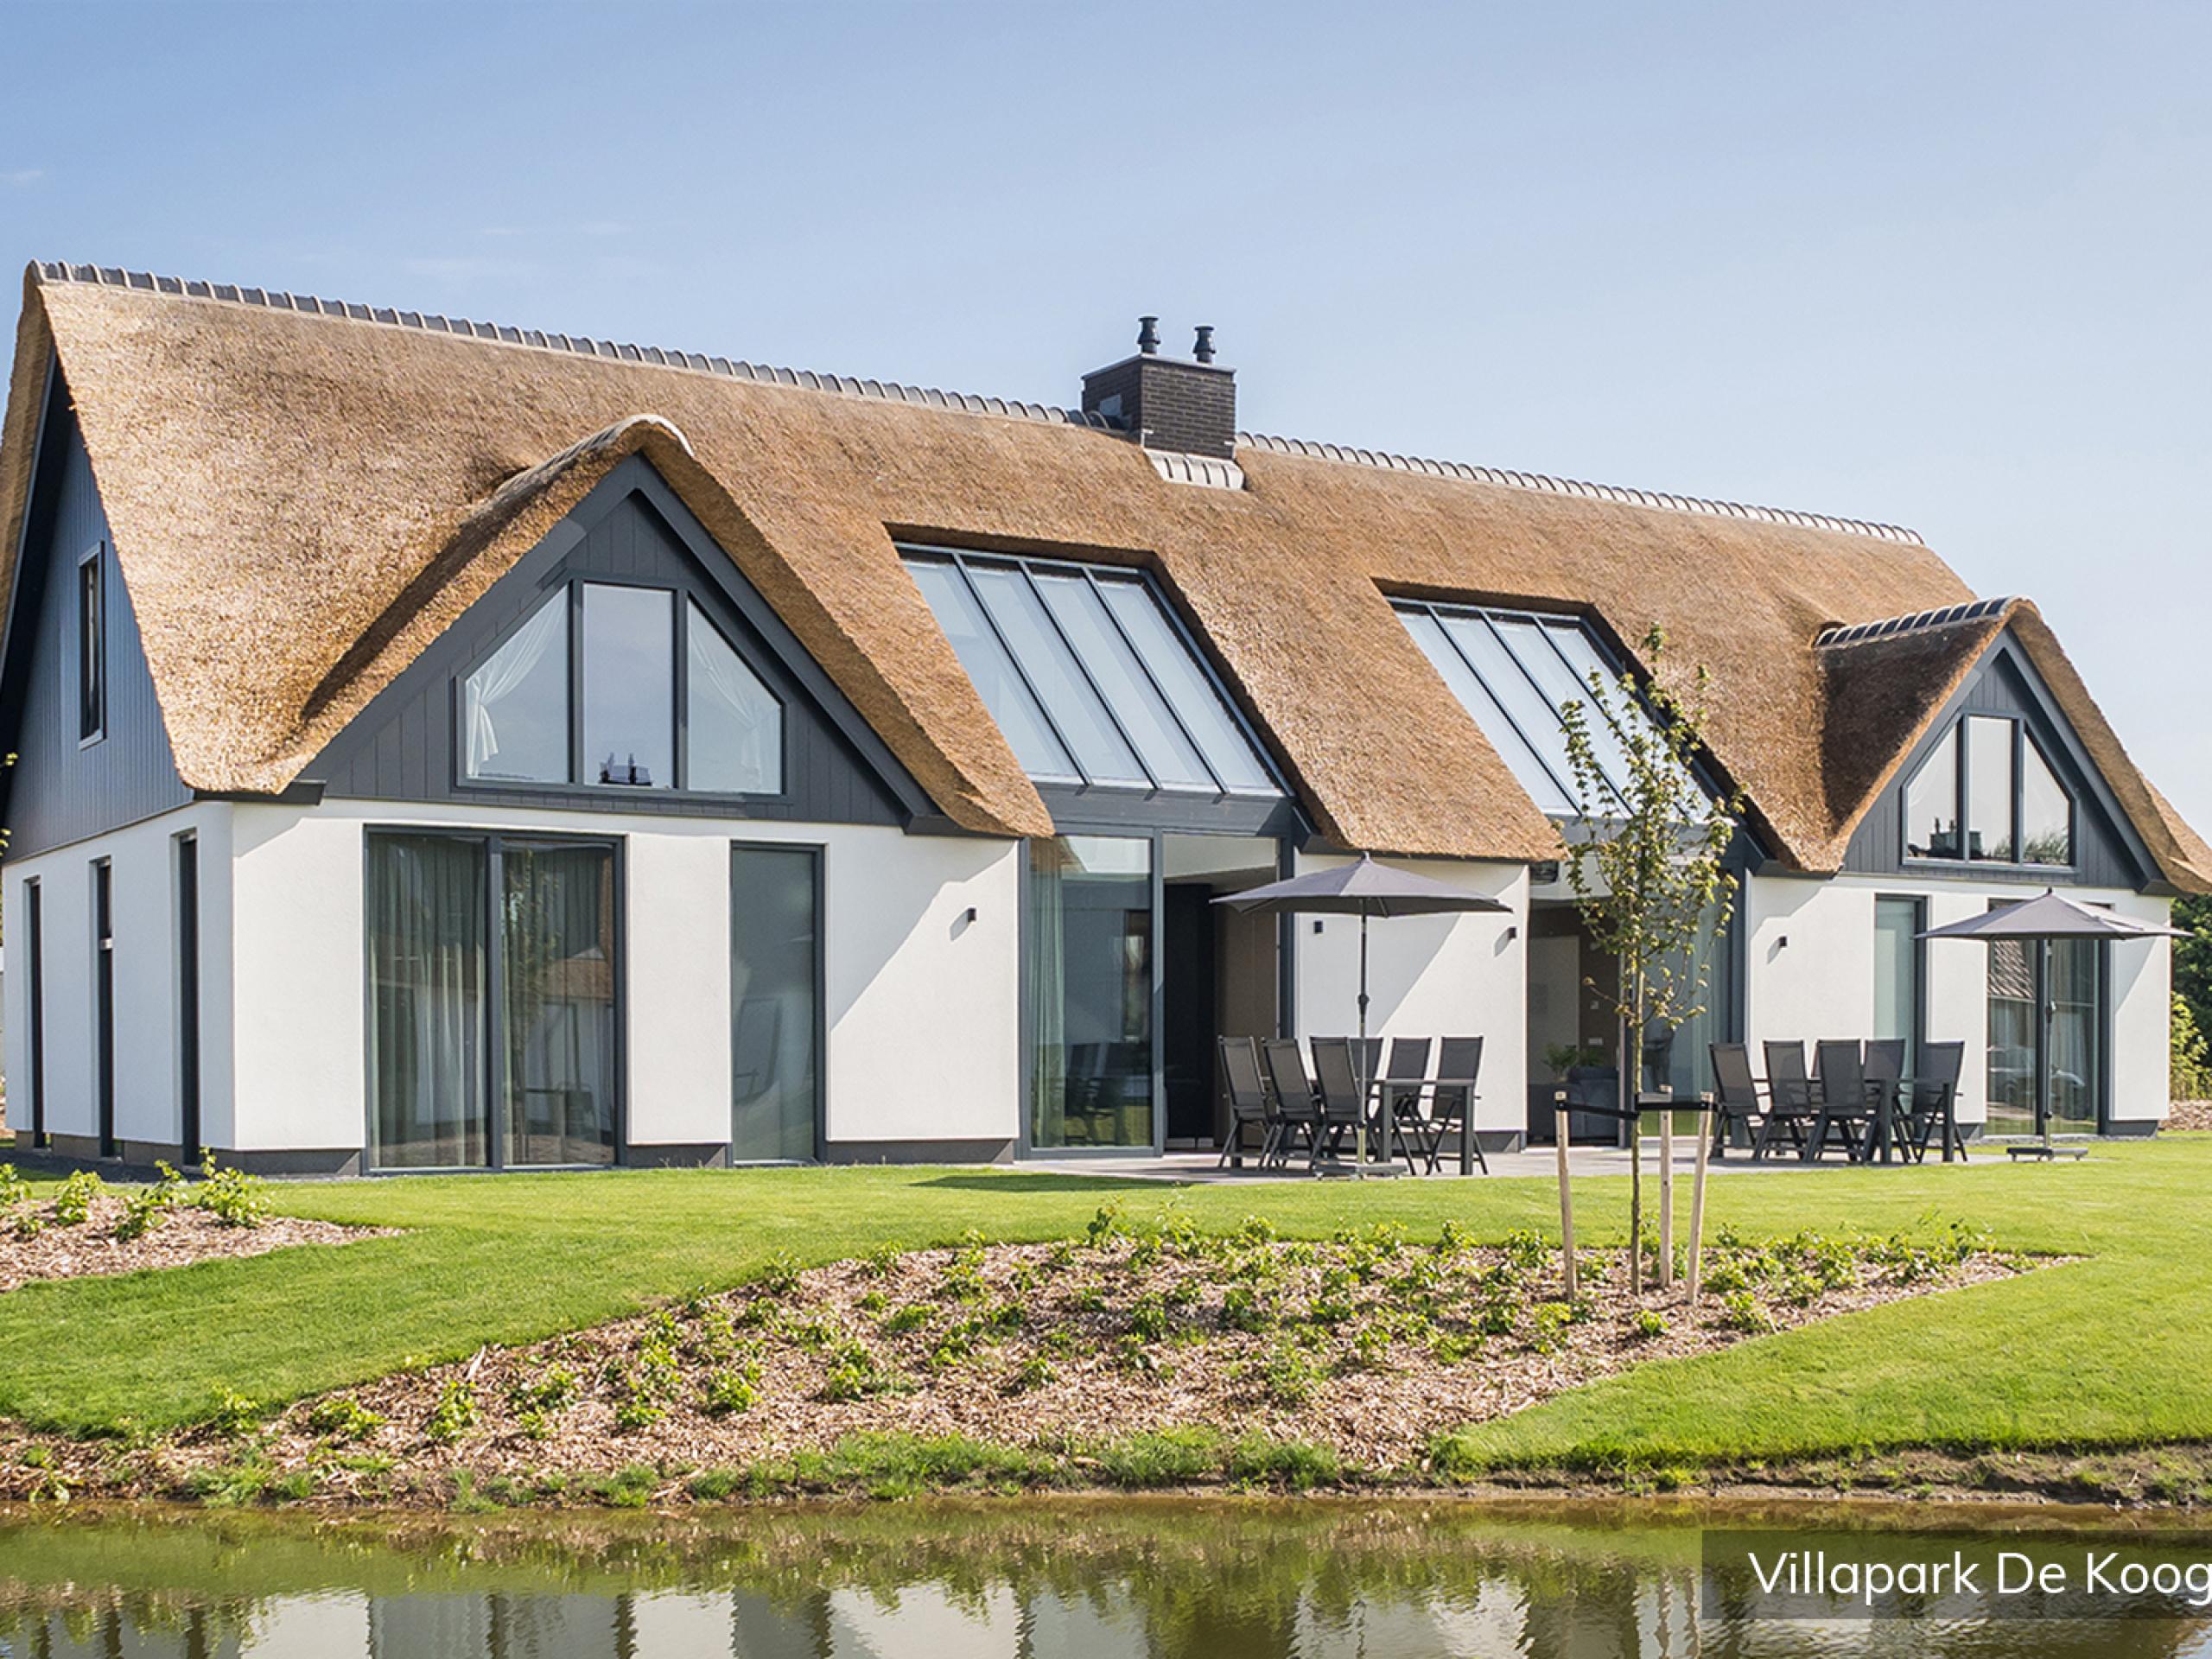 Luxury family villa for 12 people in a villa park in De Koog